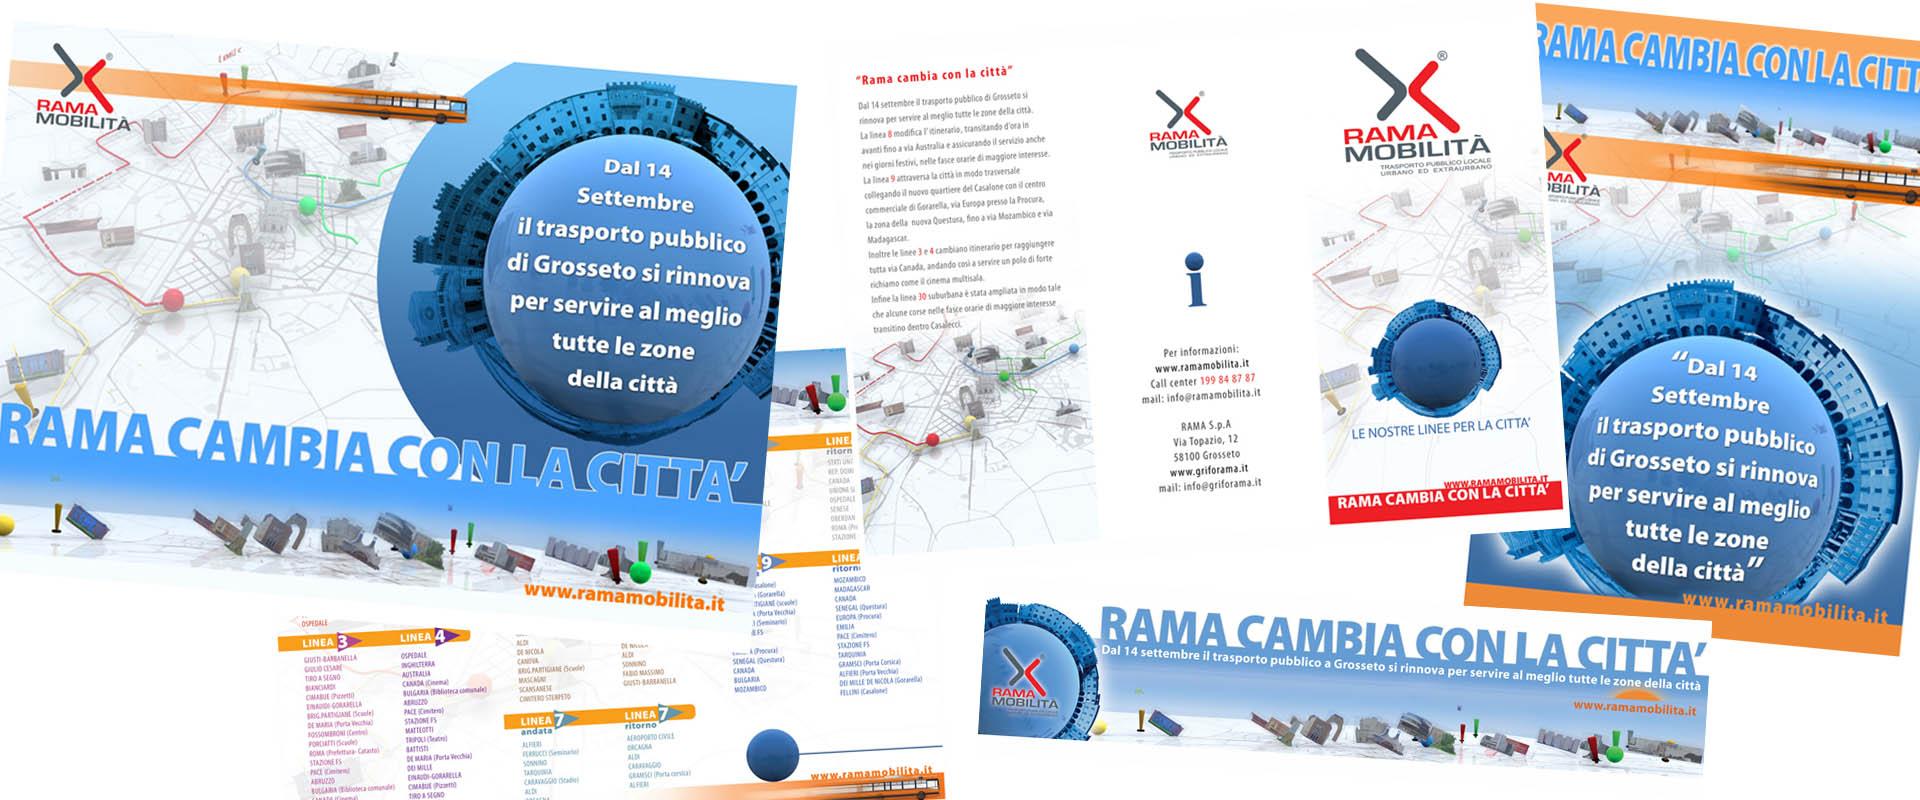 aironic_ugo-capparelli_comunicazione_rama-cambia